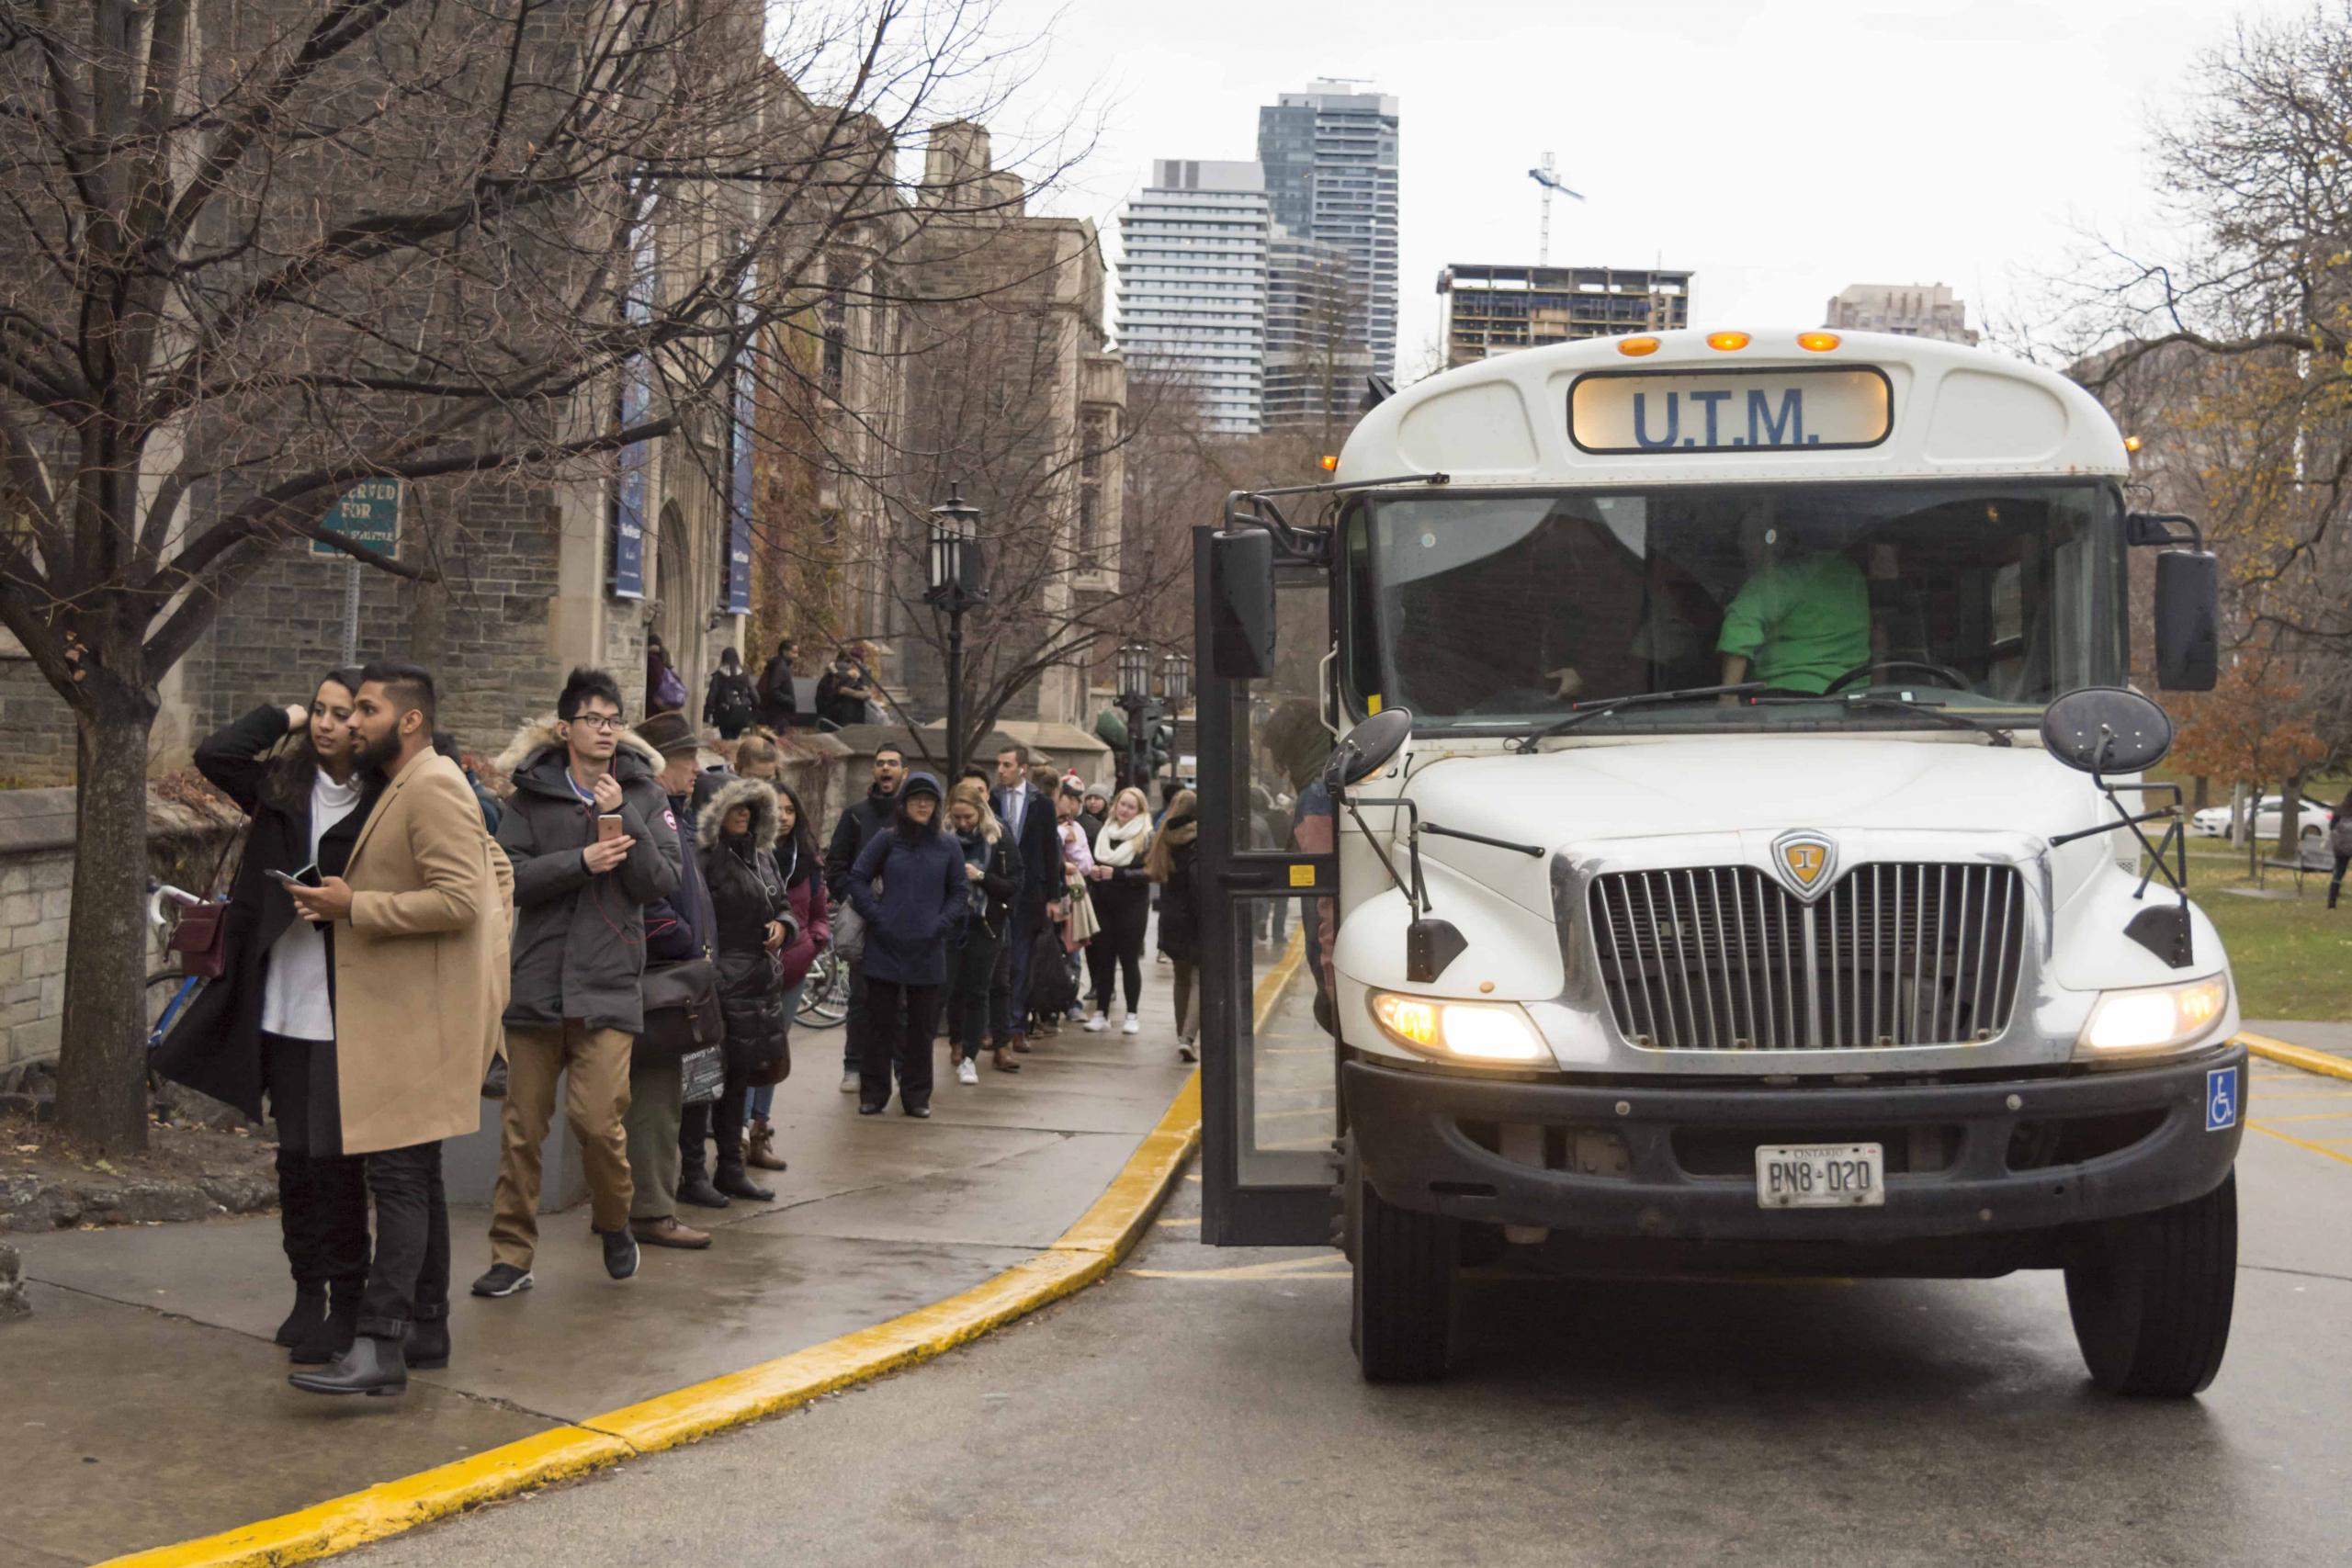 NEWS Gardiner tolls STEVEN LEE THE VARSITY UTM Shuttle bus scaled.